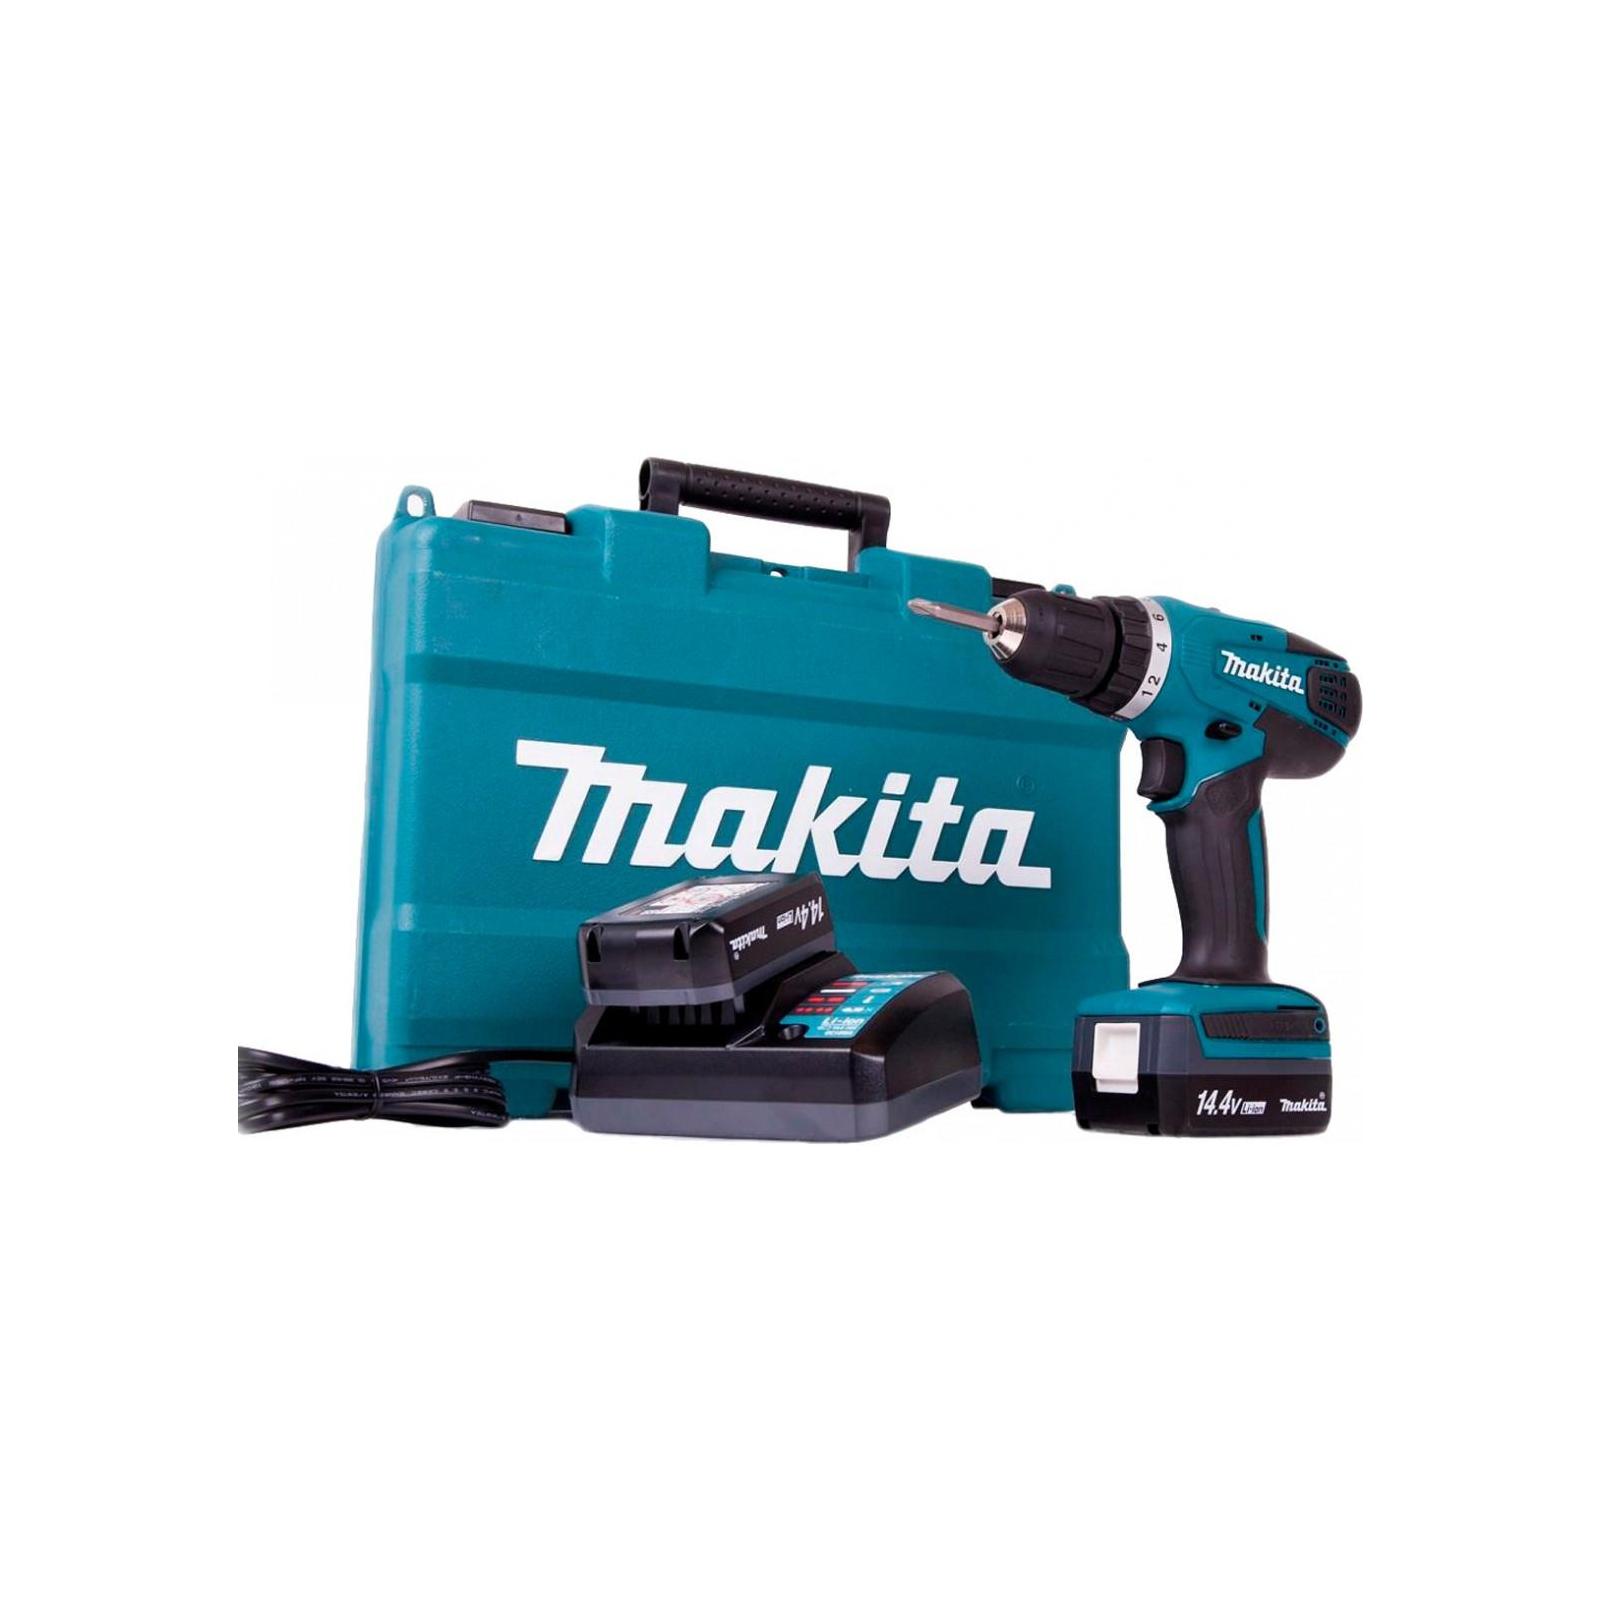 Шуруповерт Makita DF347DWE, 14,4В G-battery, 1,3Аг, 30 / 15Нм (DF347DWE) изображение 2